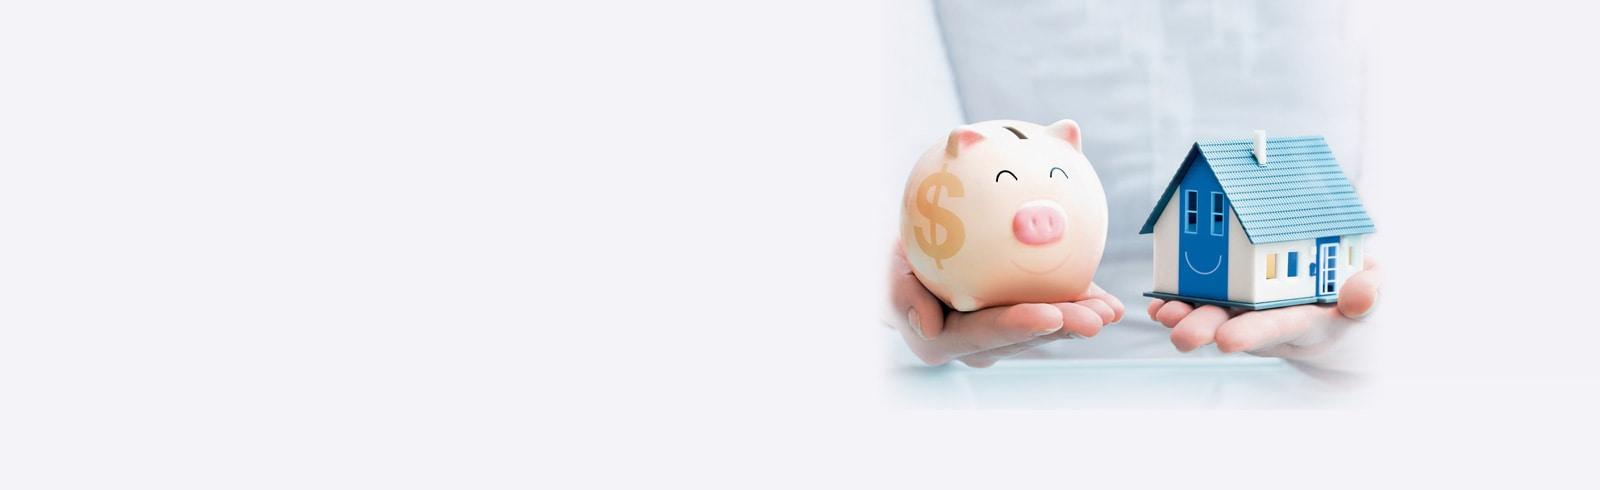 手上捧著小豬儲蓄箱及房屋模型